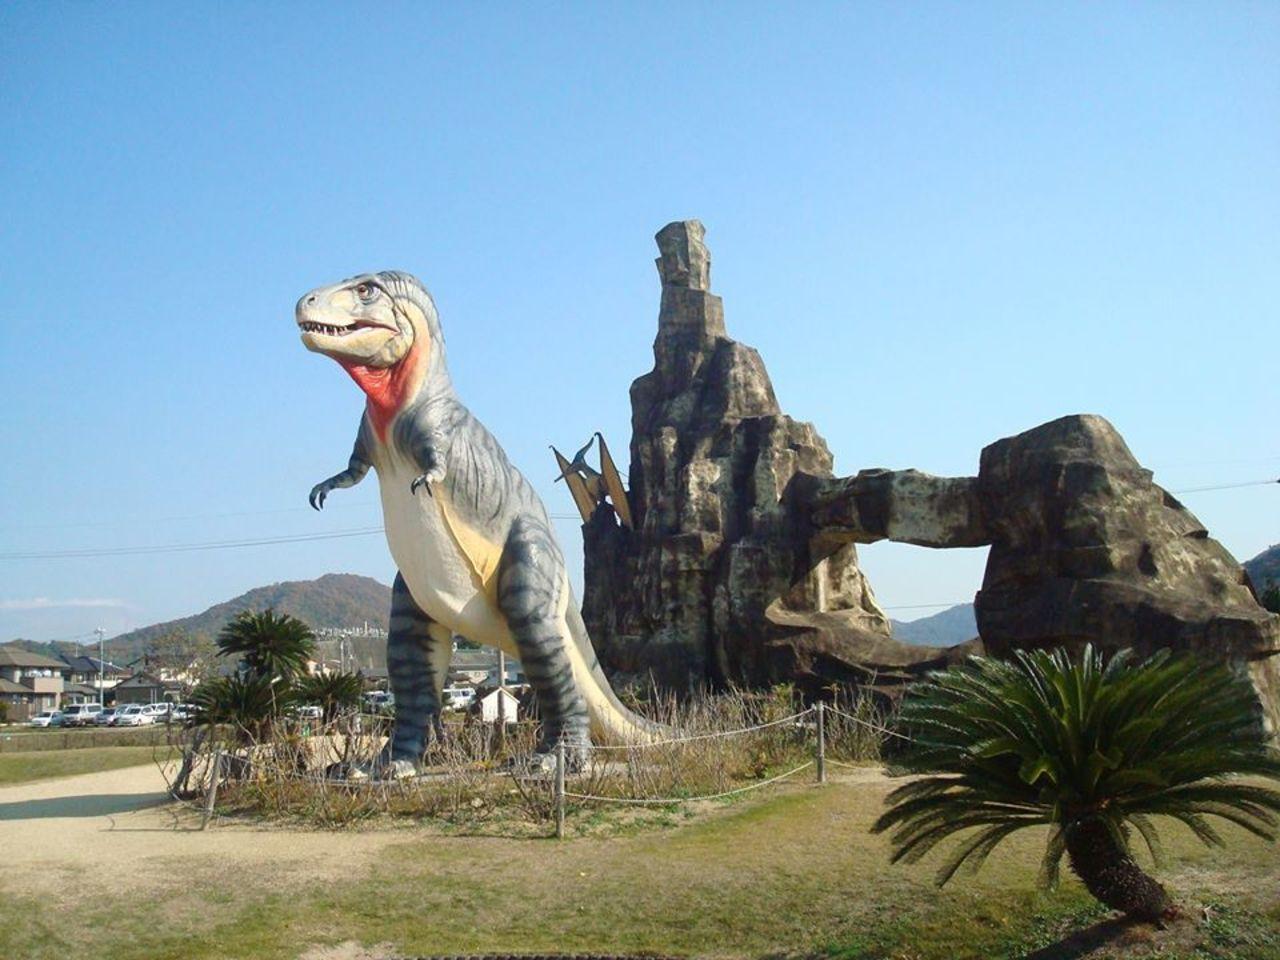 世界唯一のカブトガニをテーマとした博物館...岡山県笠岡市横島の「笠岡市立カブトガニ博物館」